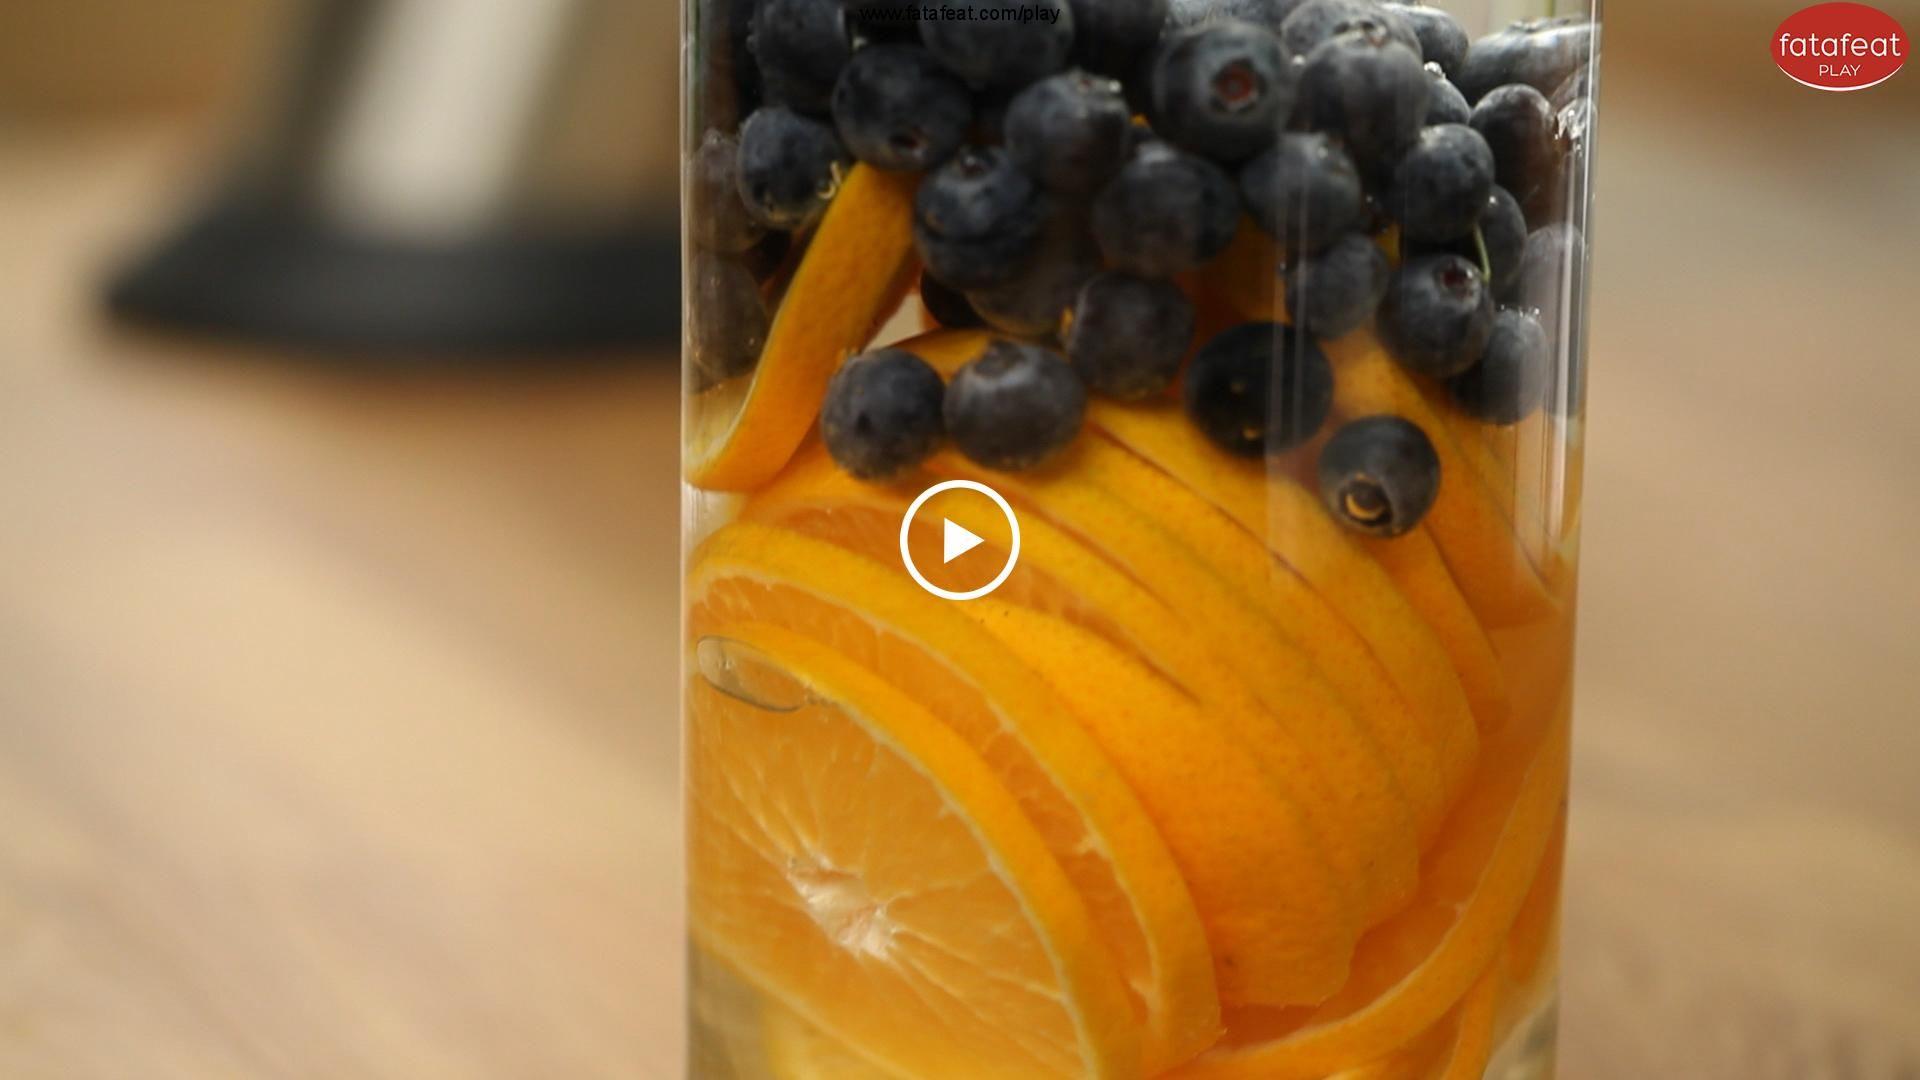 ماء الزهر بتوت العليق الأزرق Fatafeat Fruit Pumpkin